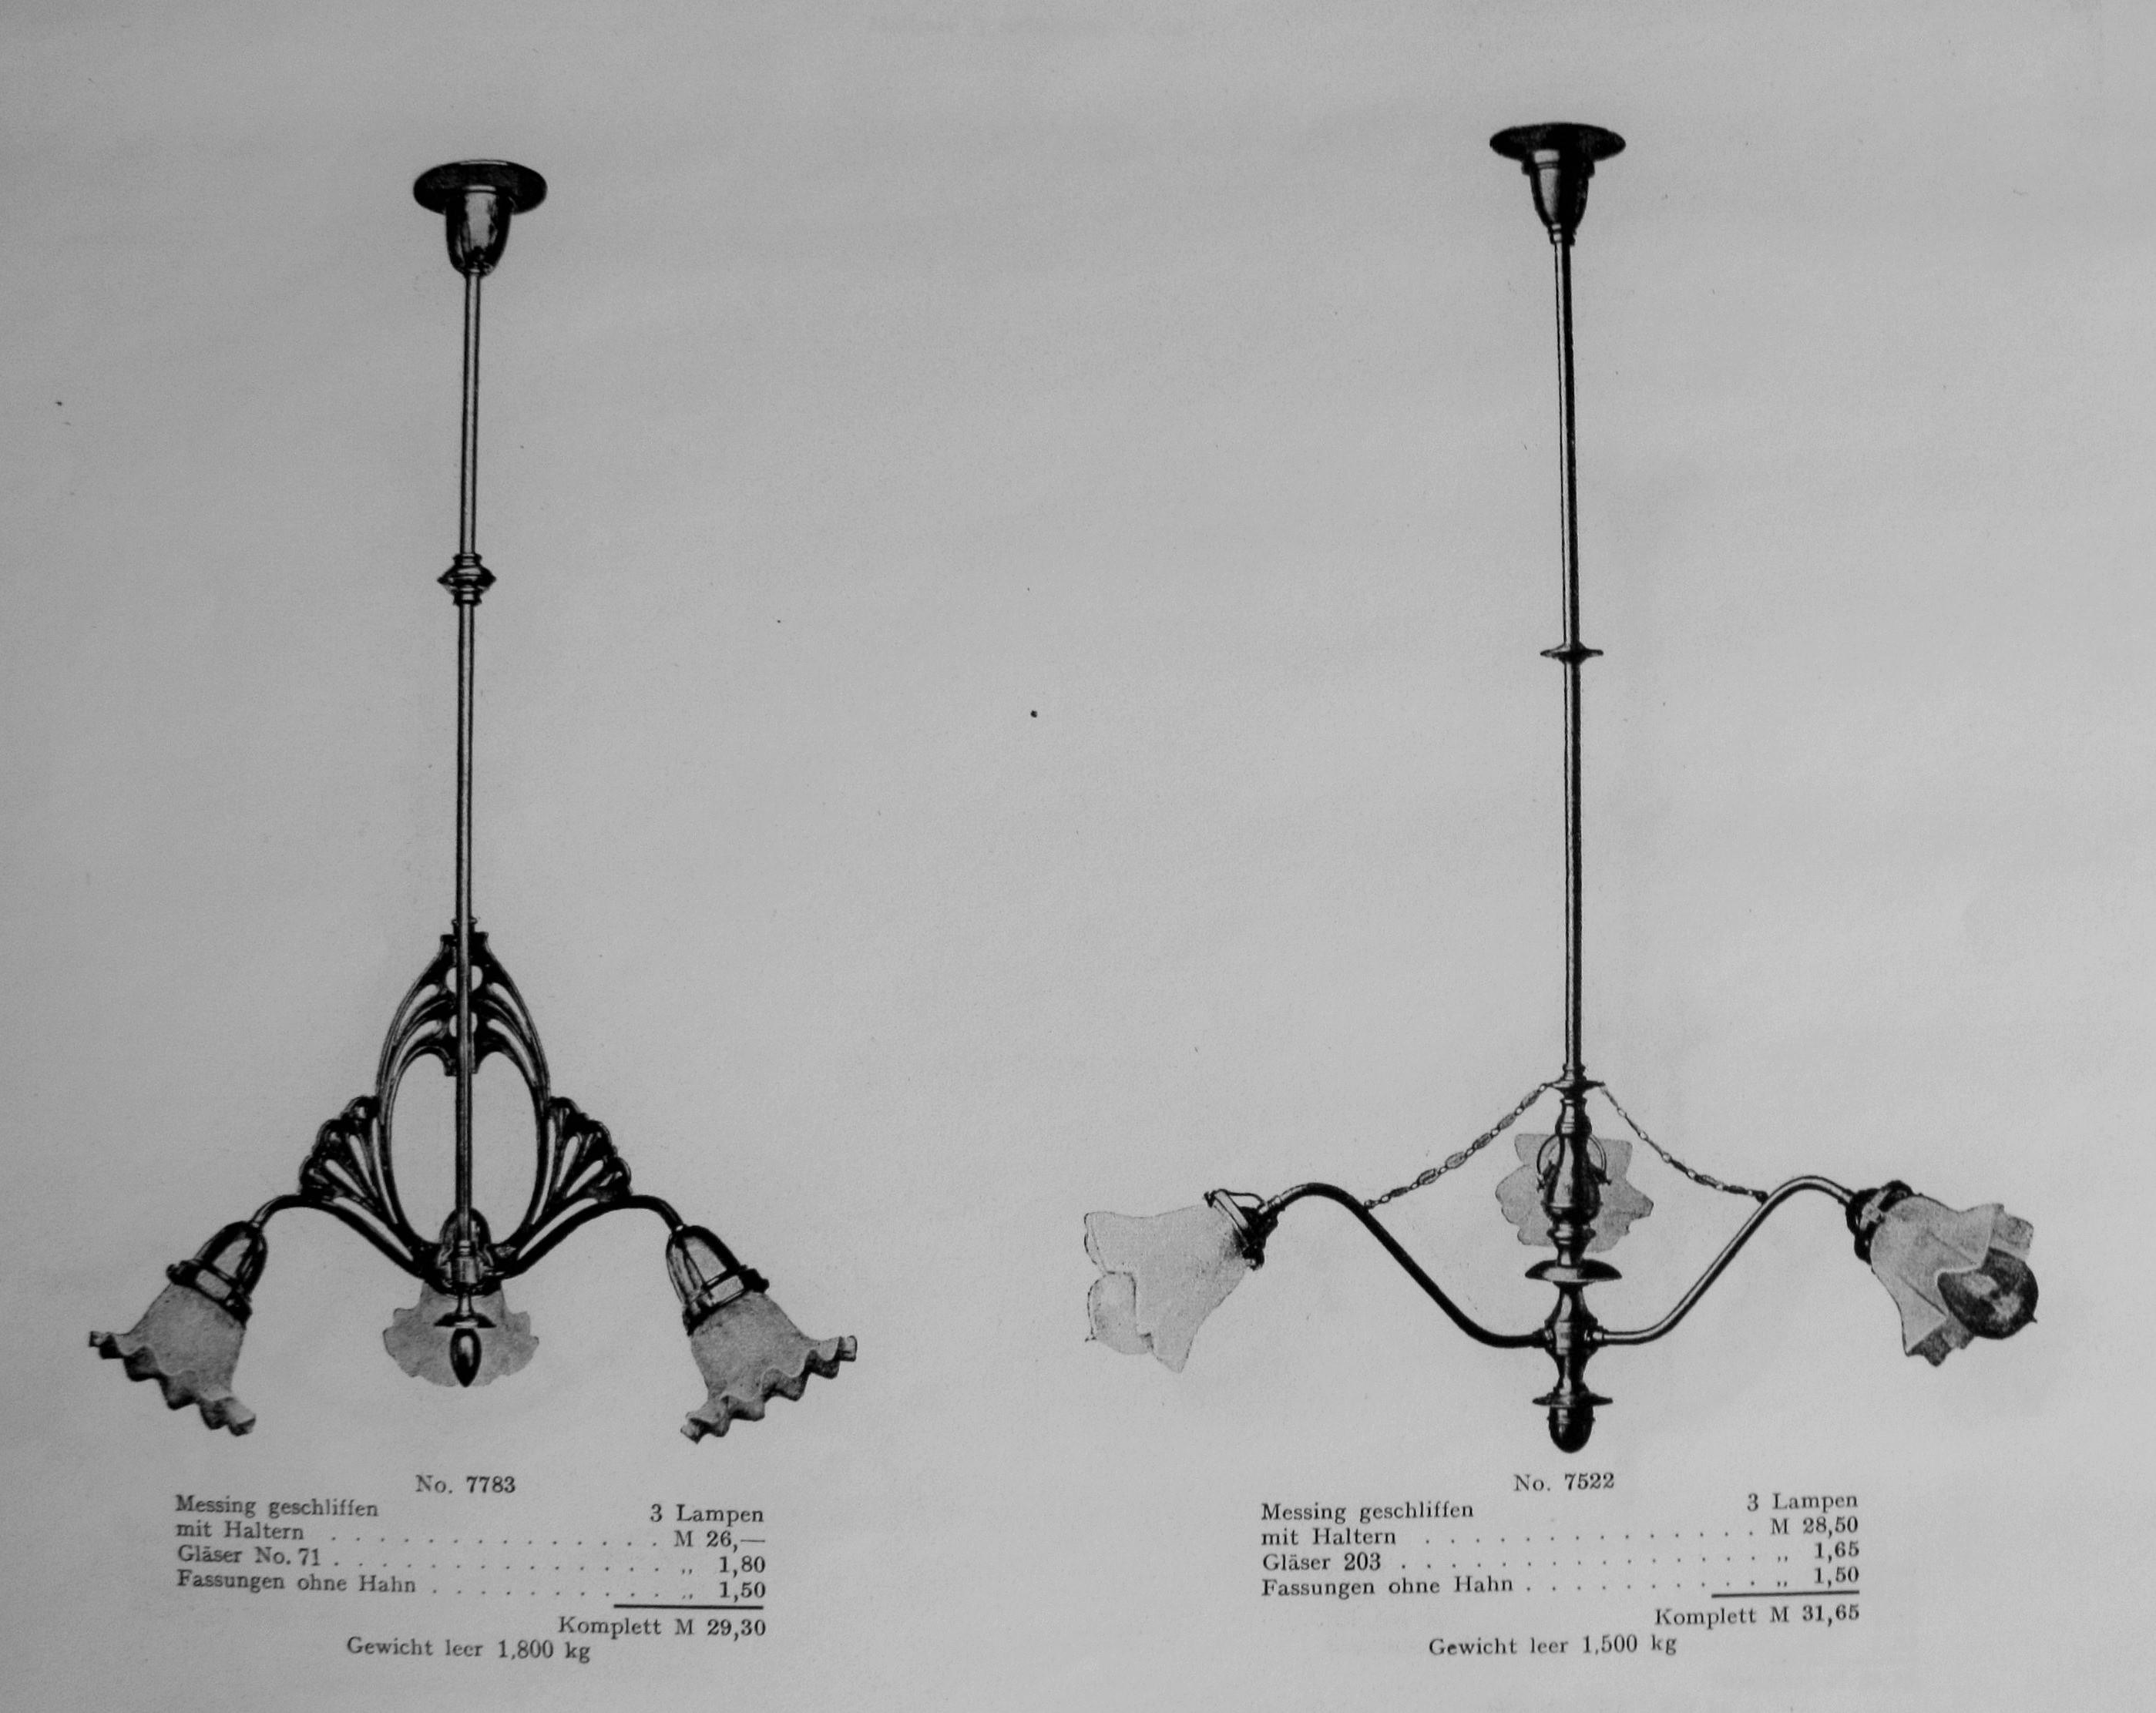 Chandeliers in catalog Beleuchtungskörper GmbH, t. 1–2, Berlin, 1910, in: Lietuvos mokslų akademijos Vrublevskių bibliotekos Retų spaudinių skyrius, A 851.